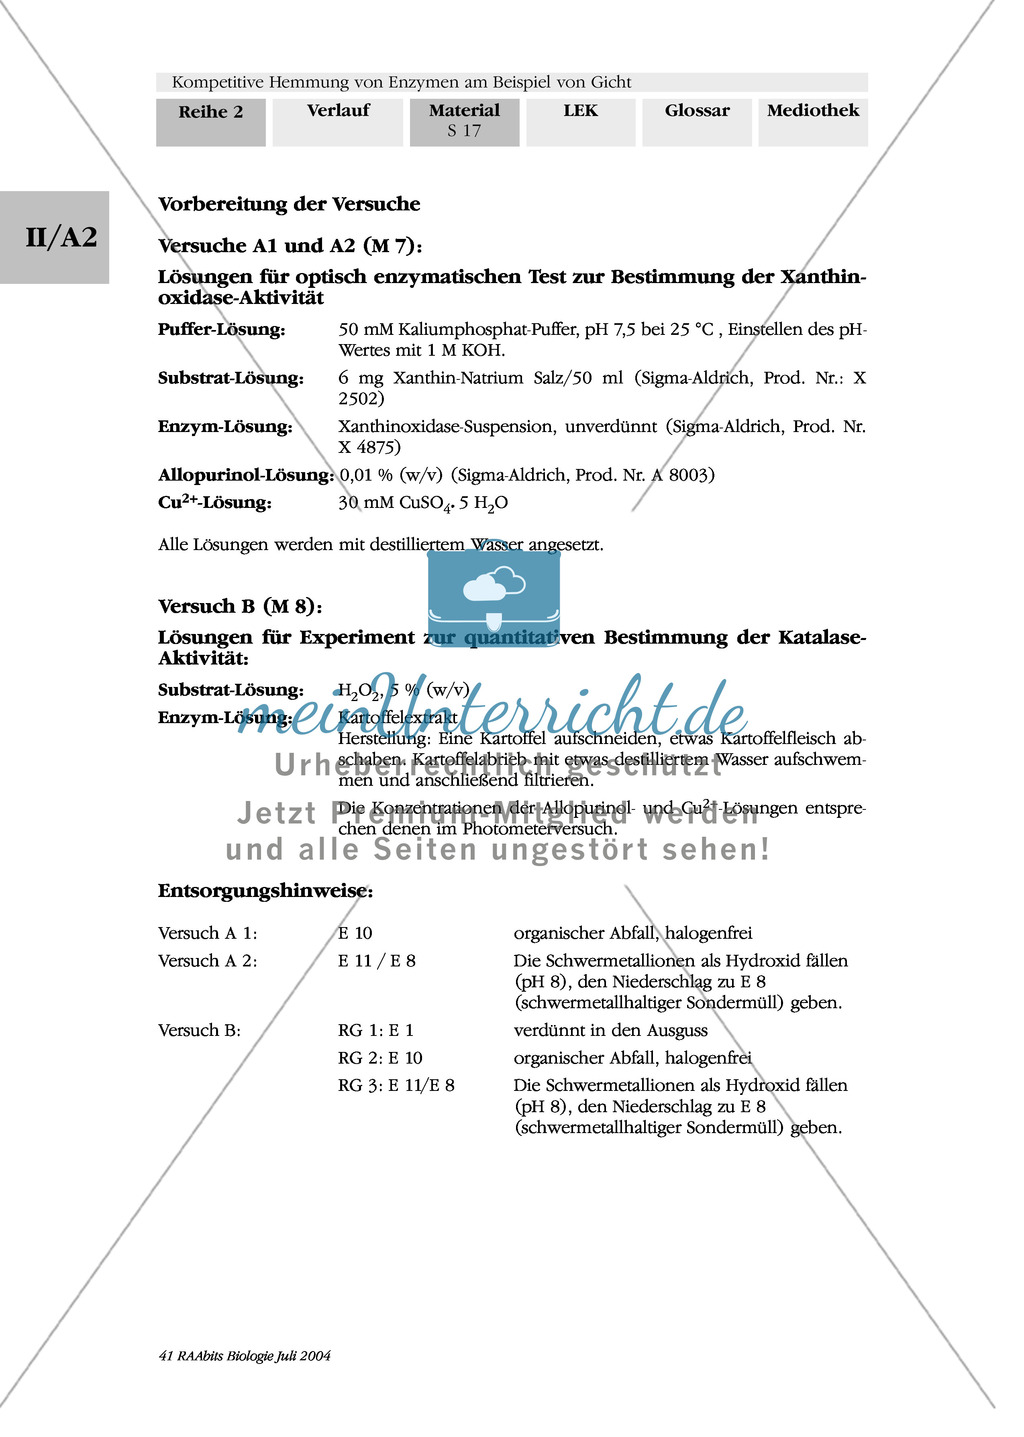 Kompetetive Hemmung von Enzymen am Beispiel der Gicht: Untersuchung von Stoffen auf ihre Eignung als Gichtmedikament anhand von Photometerversuchen Preview 7